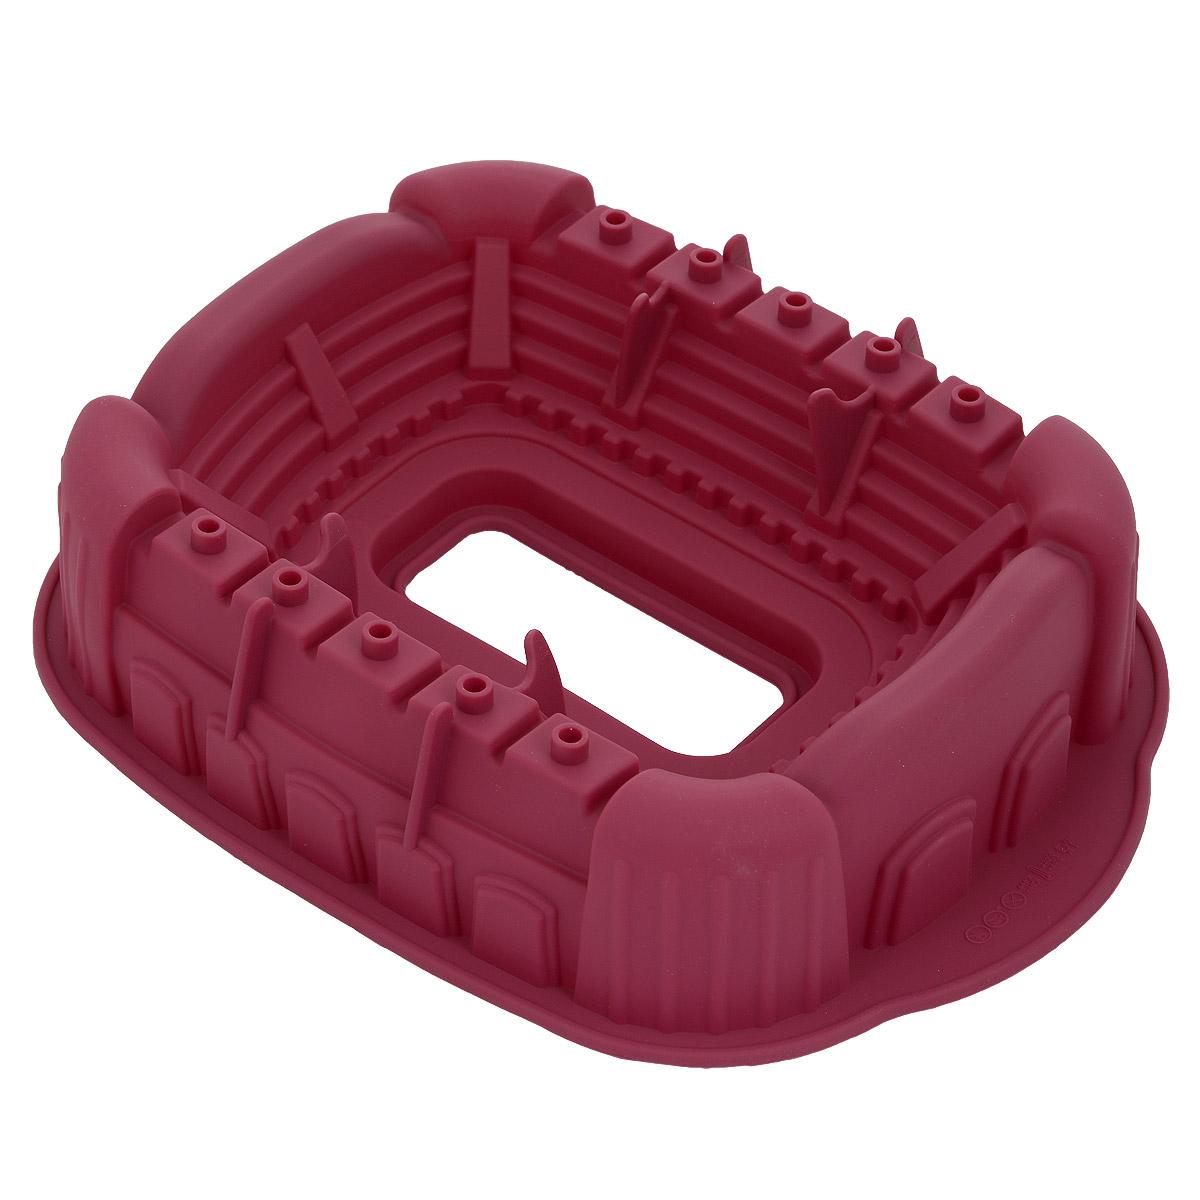 Форма для выпечки Bekker Стадион, силиконовая, цвет: бордовый